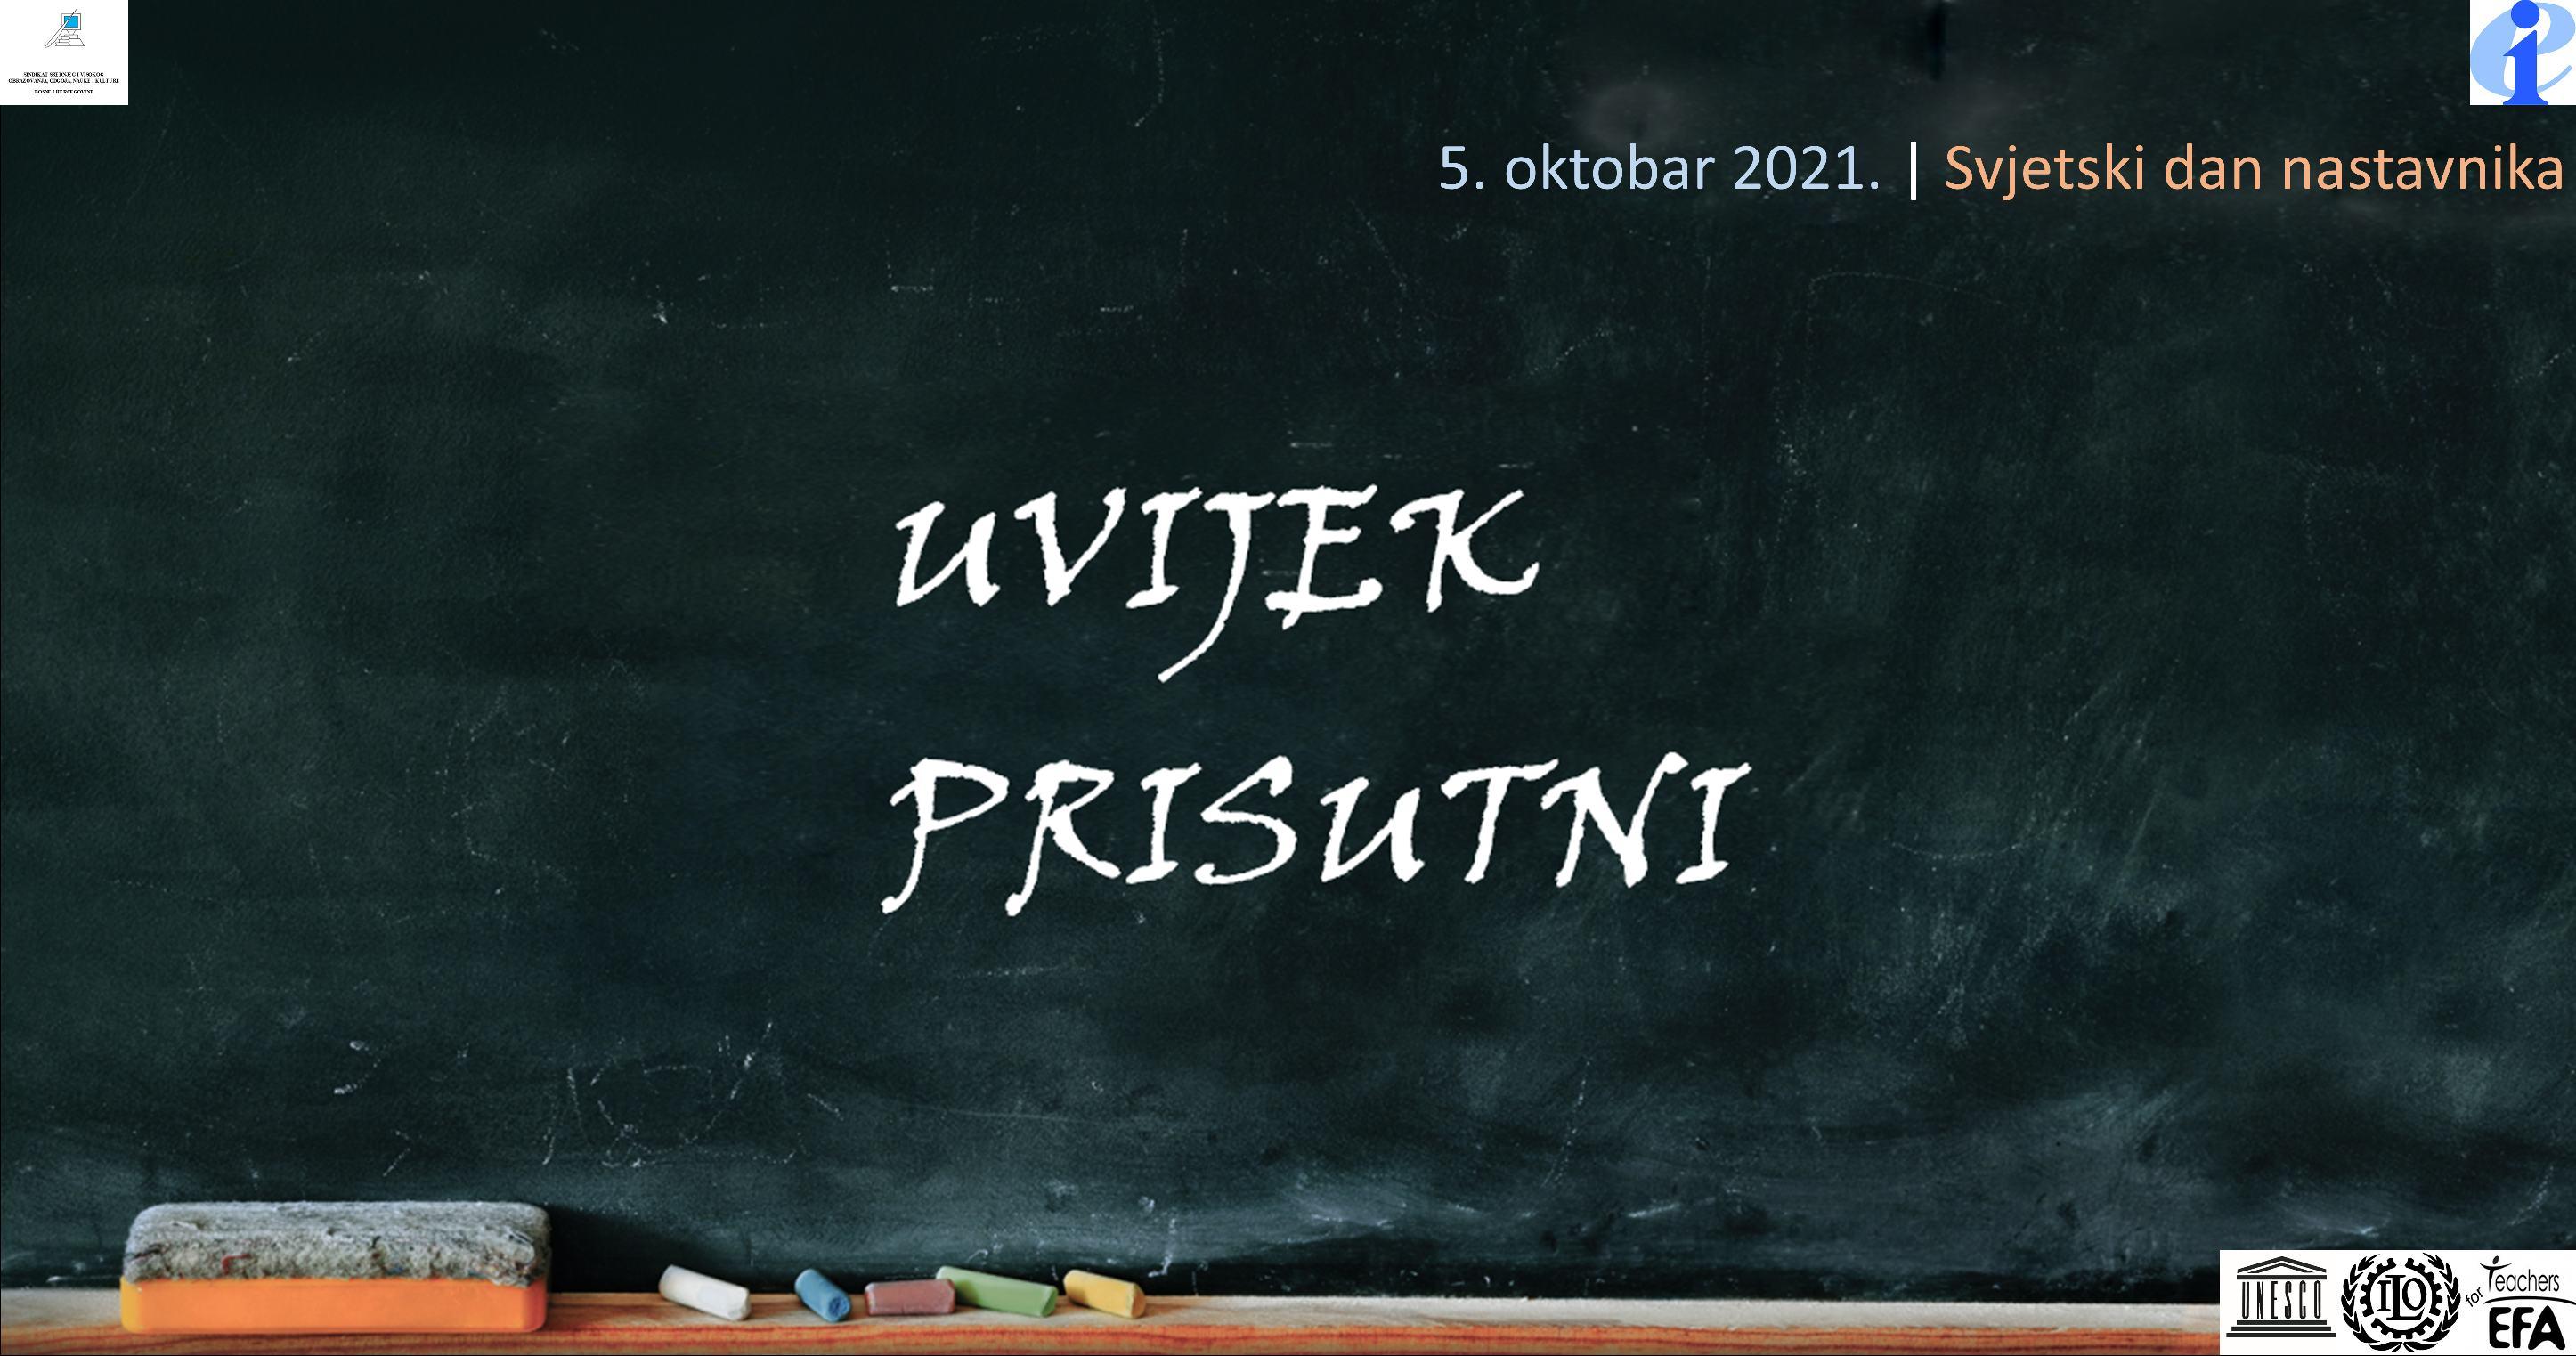 Skupština SSVOONKBiH povodom 5. oktobra – Svjetskog dana nastavnika